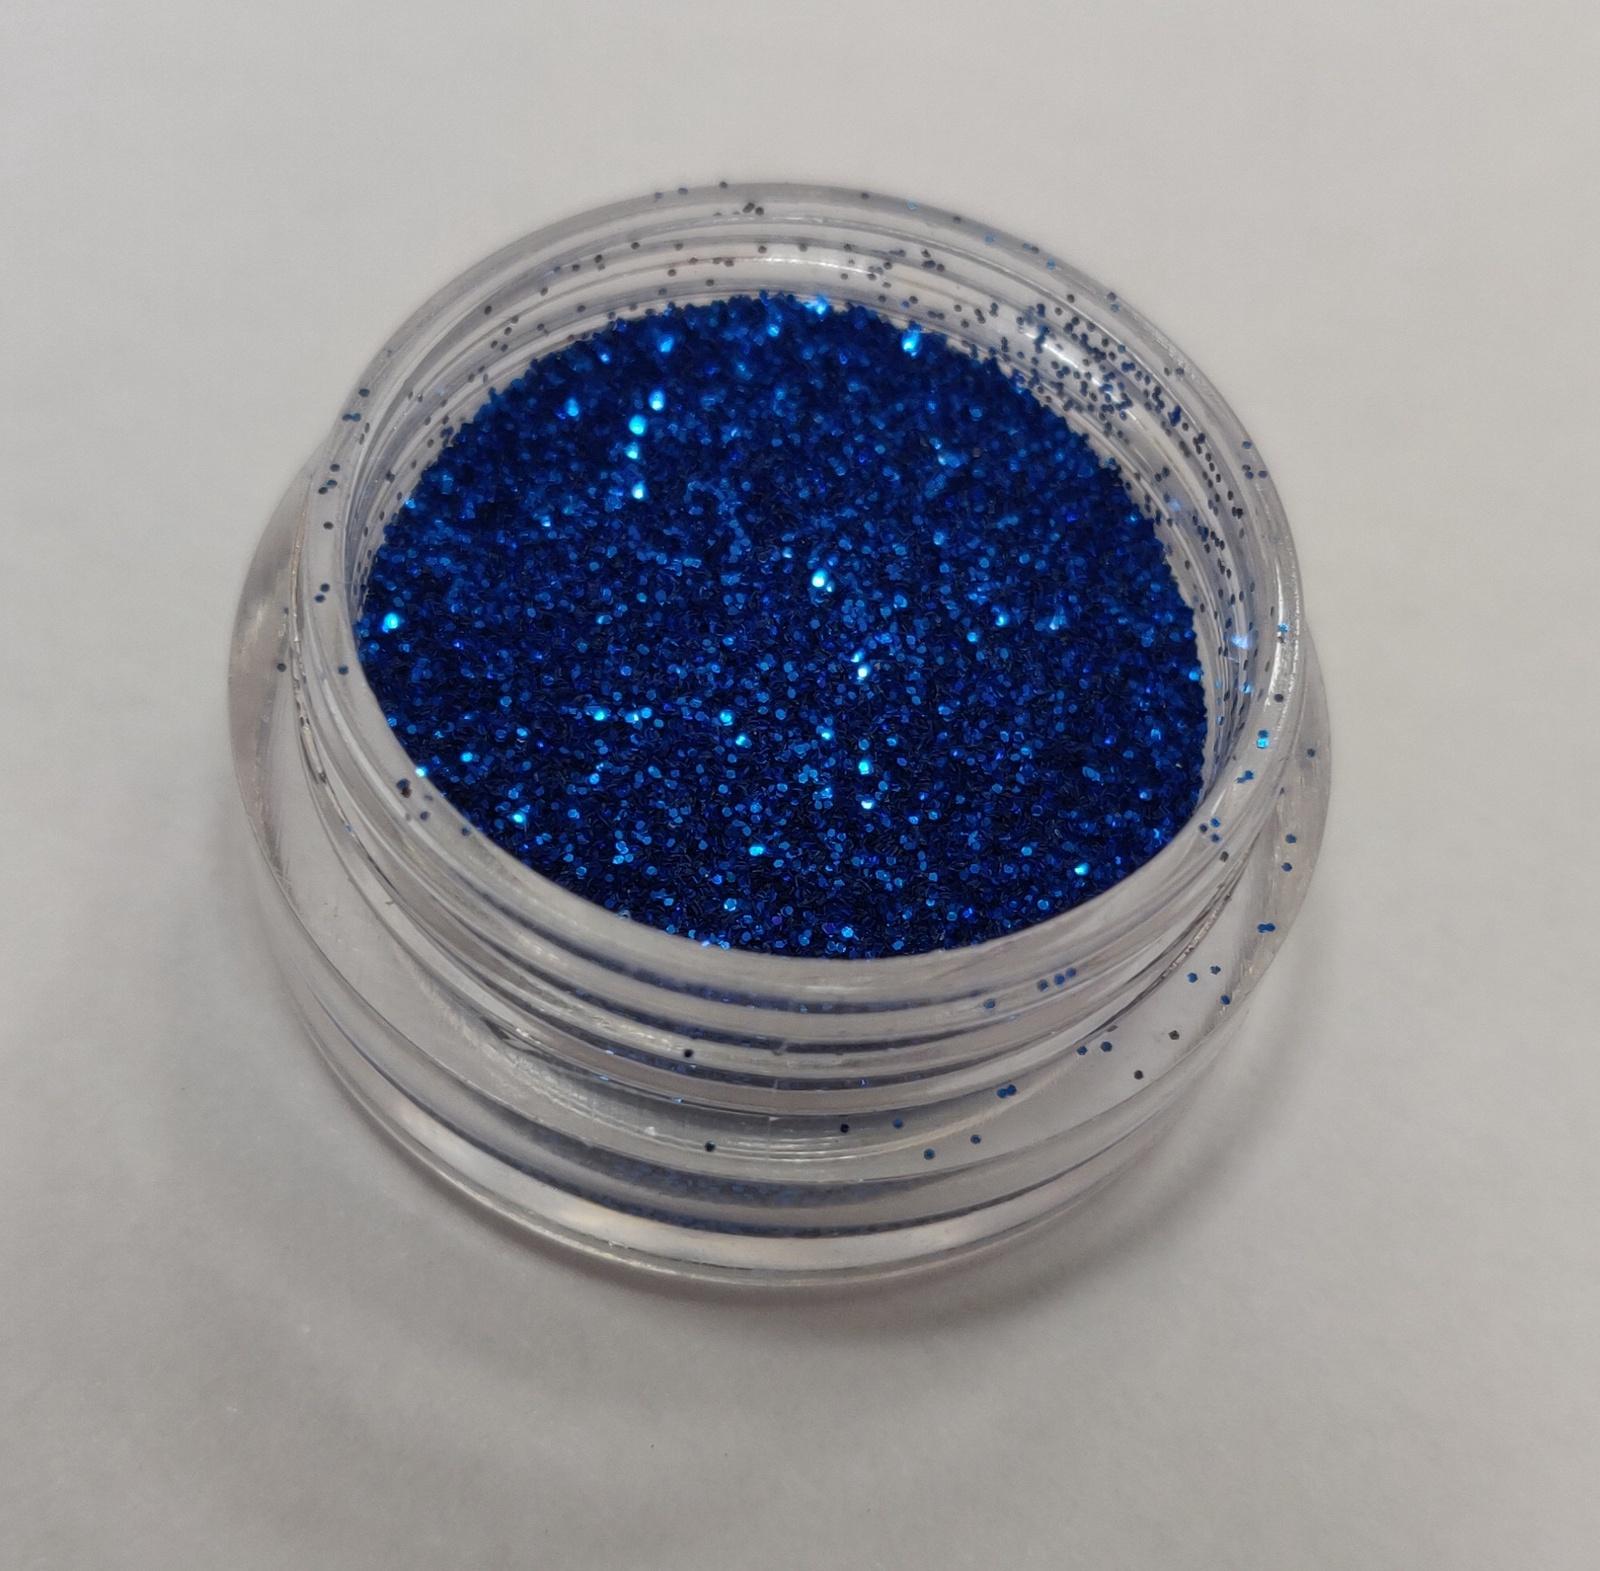 Фото - Песок для дизайна ногтей (синий) шаблоны для дизайна ногтей larry s store 8pcs na144